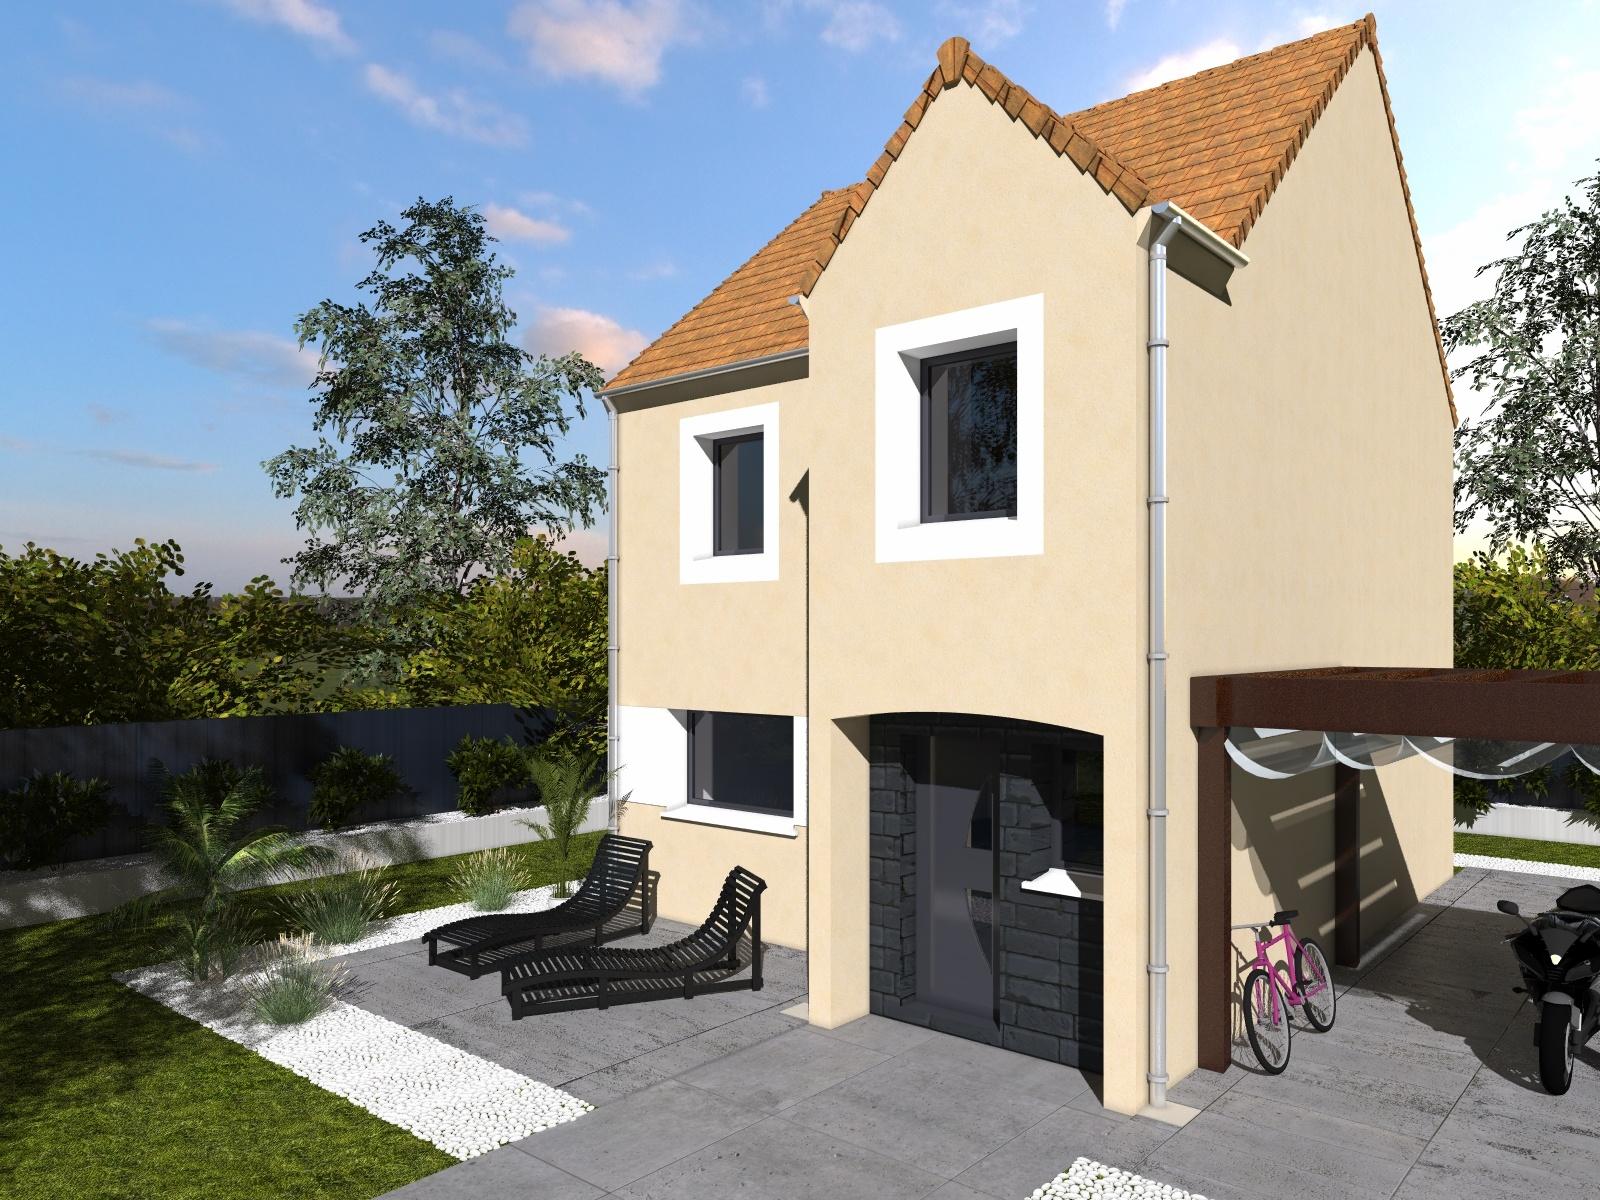 Maisons + Terrains du constructeur Les maisons Lelievre • 86 m² • TAVERNY